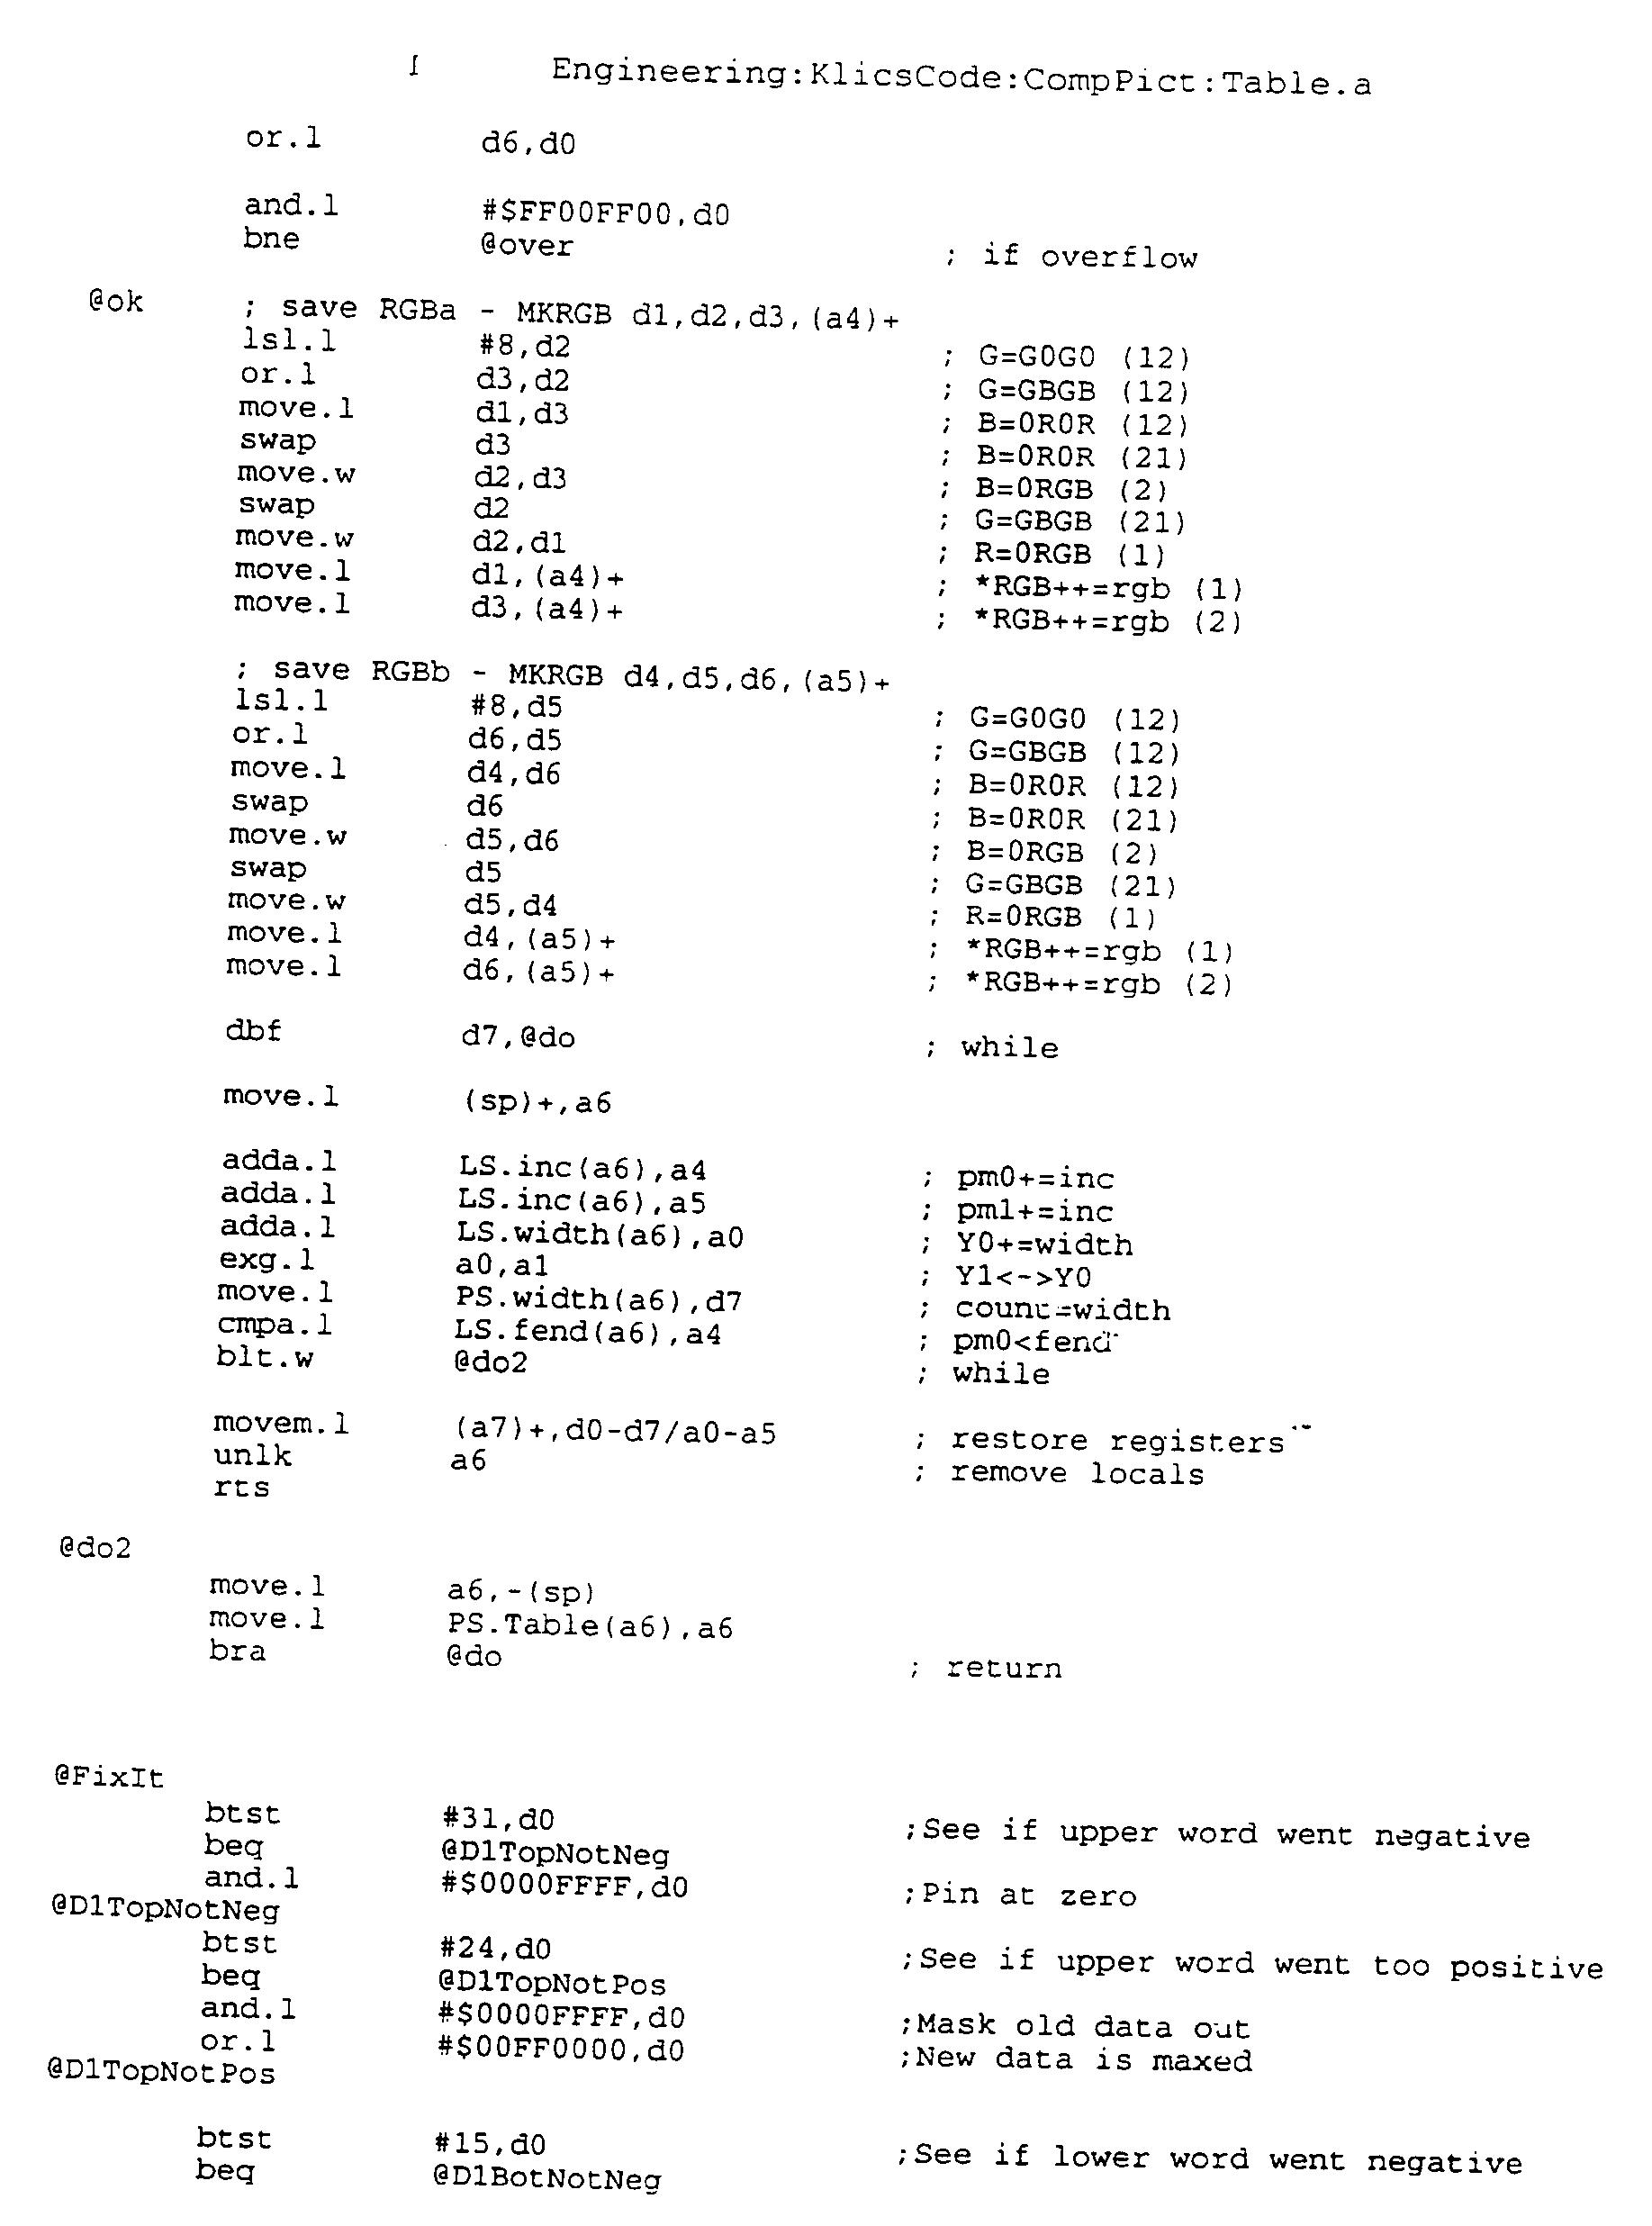 WO1994023385A2 - Data compression and decompression - Google